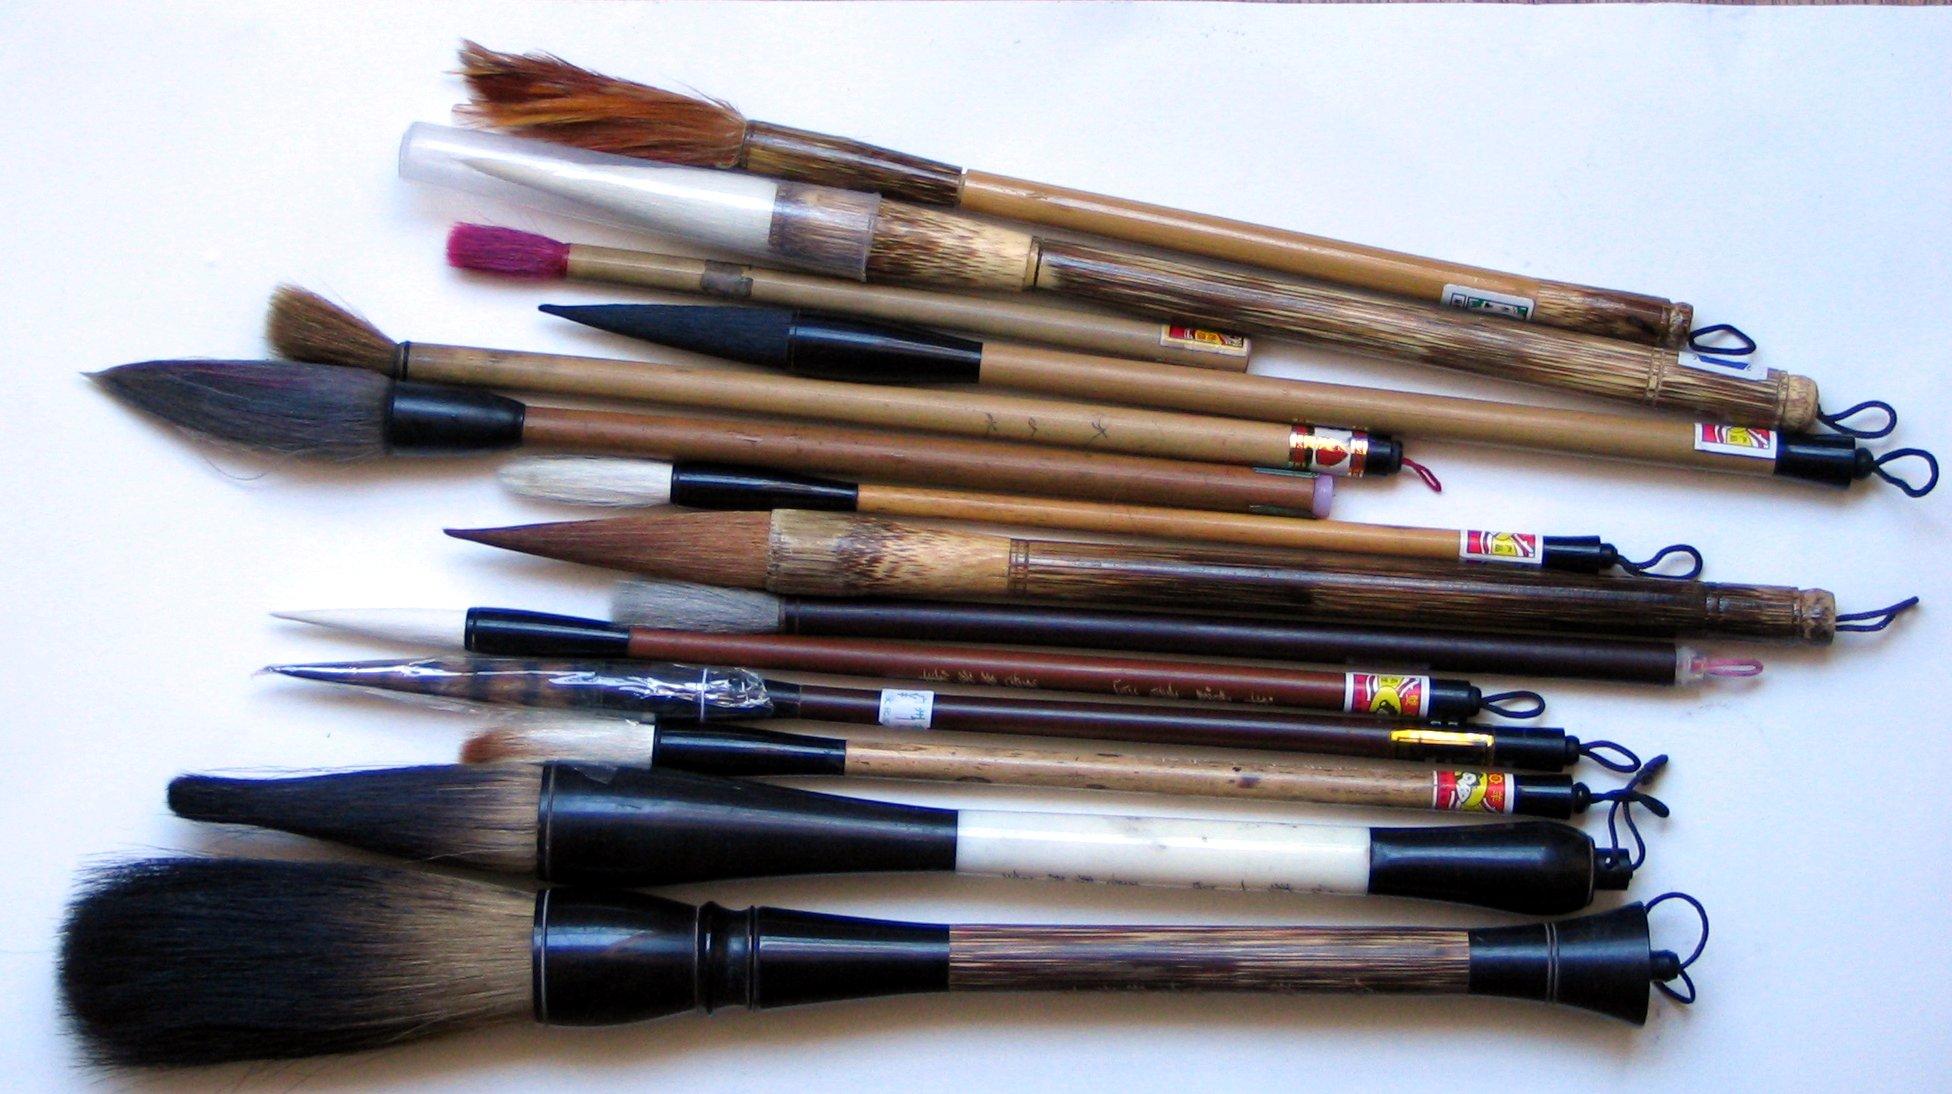 les pinceaux de maquillage chaque pinceau son utilit gloire beaut. Black Bedroom Furniture Sets. Home Design Ideas